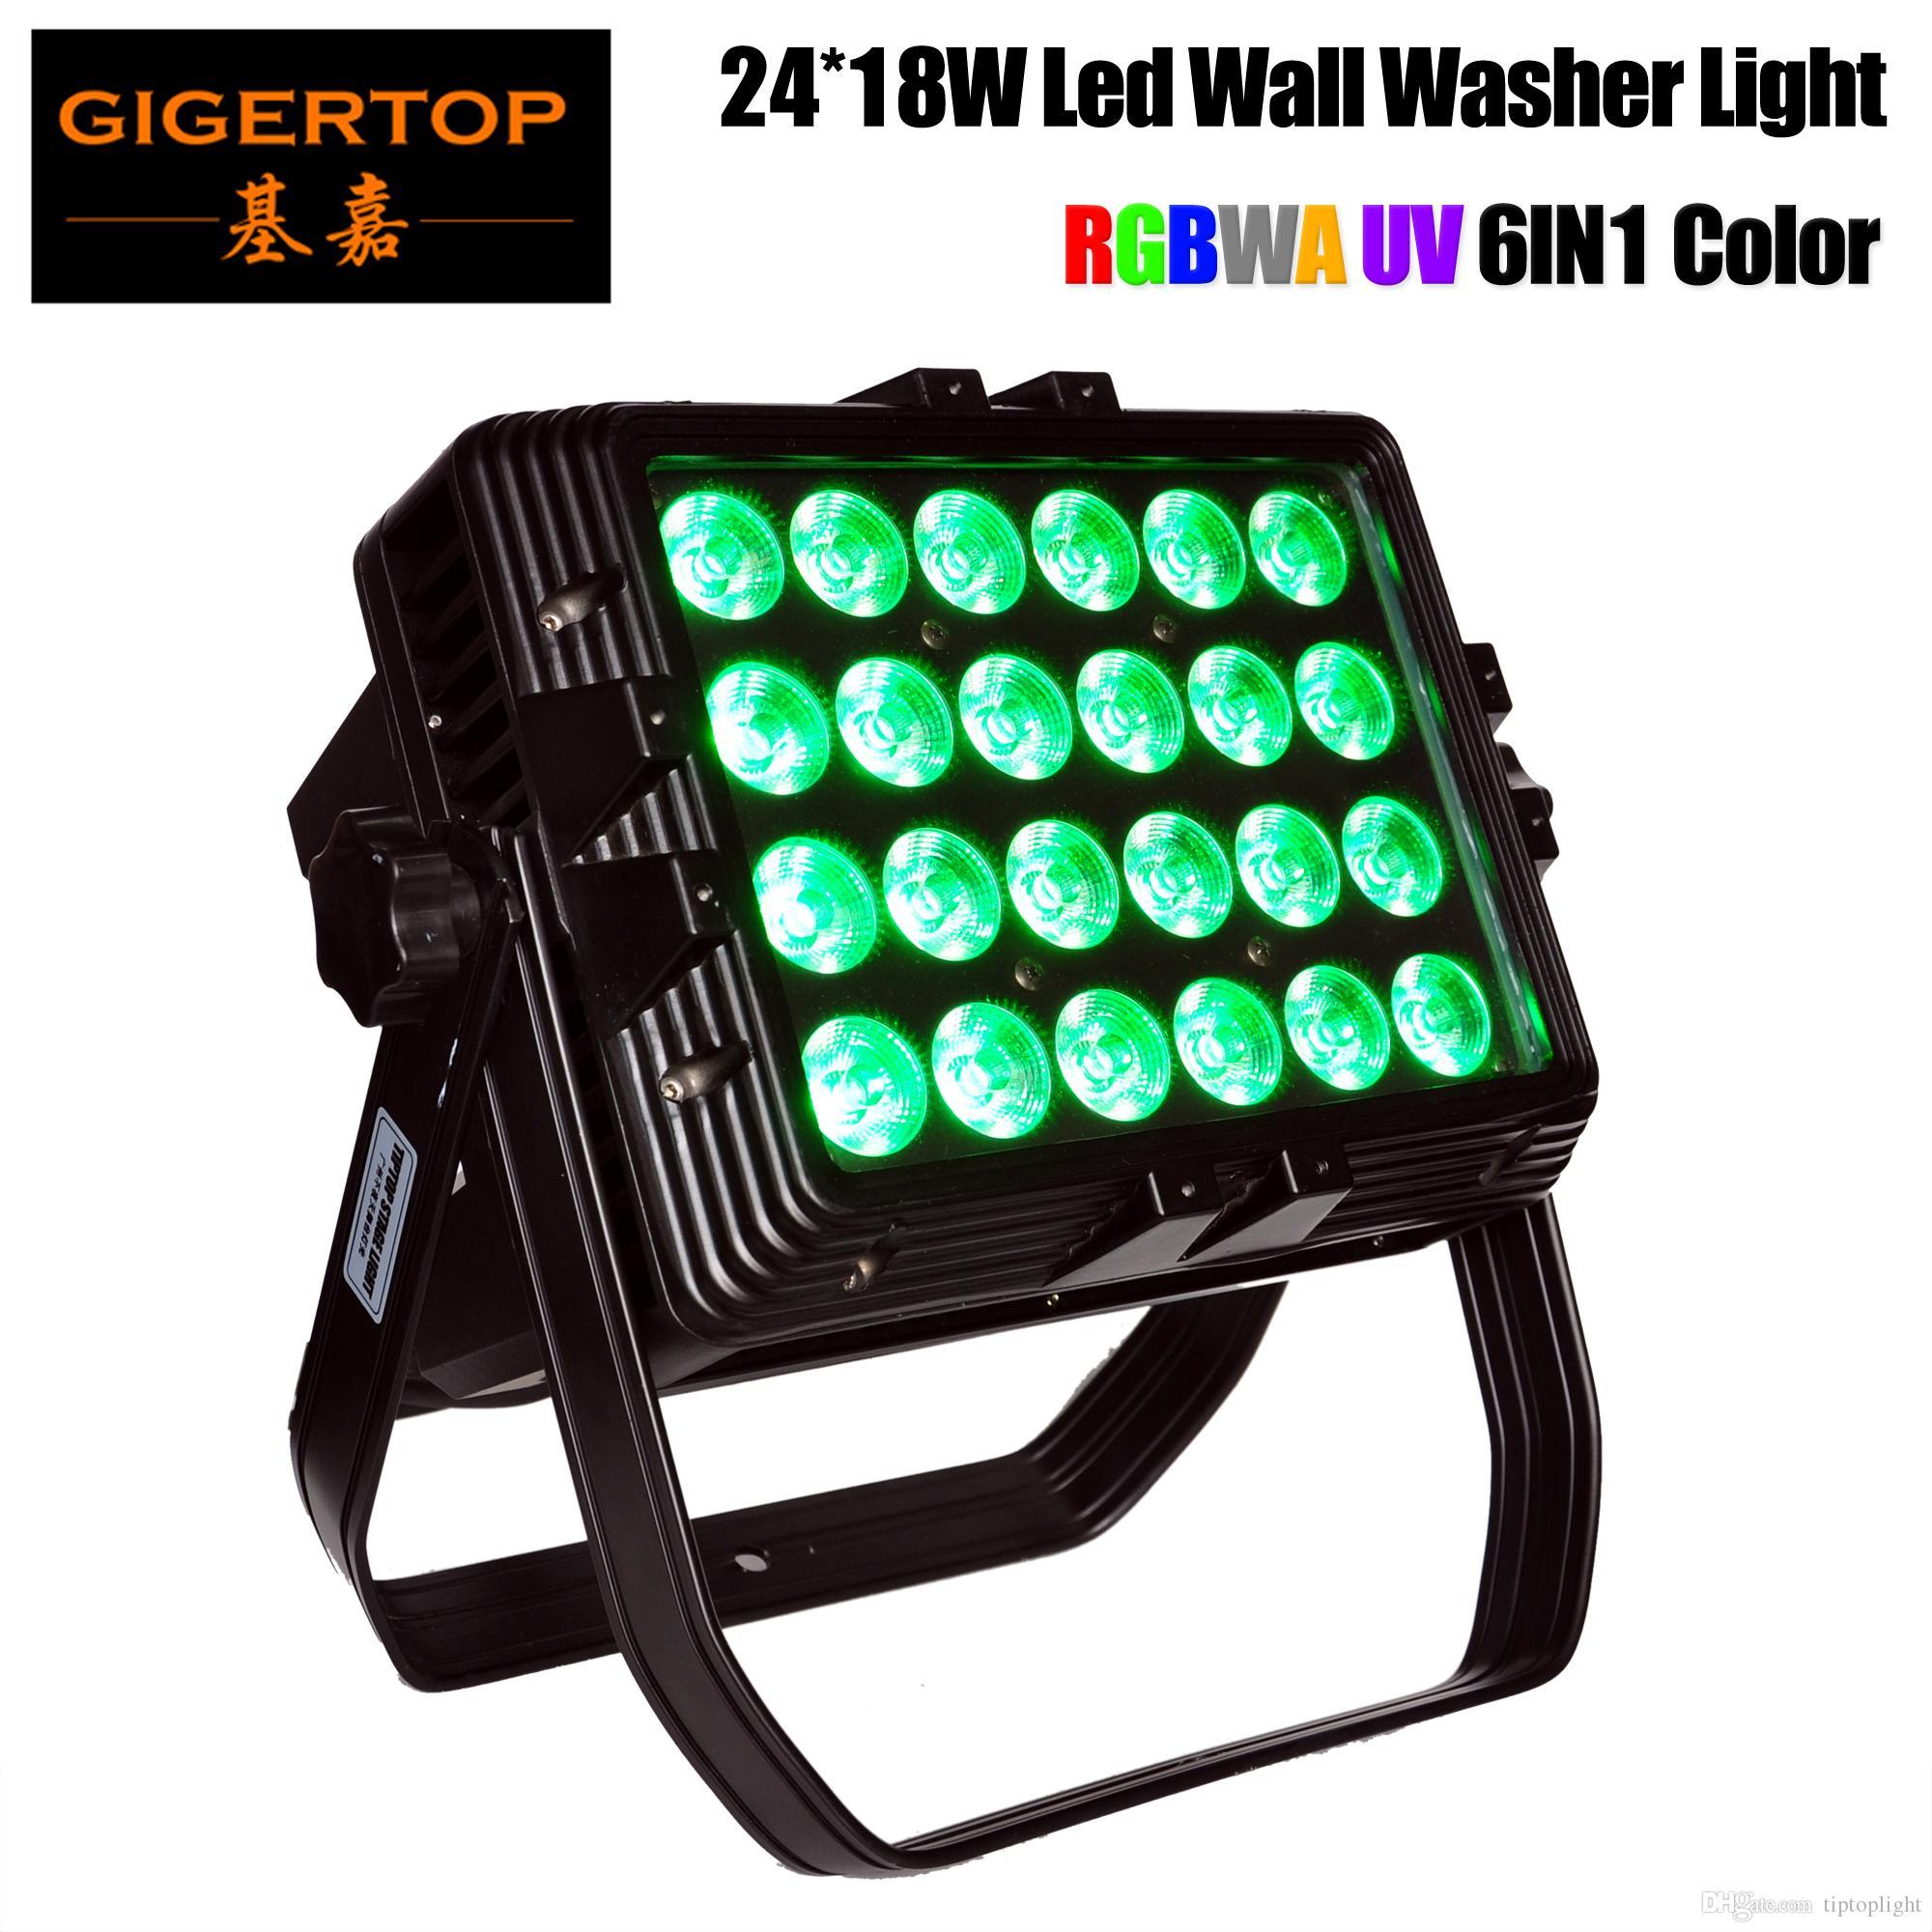 Gigertop 24 x 18W RGBWA UV 6IN1 Fyrkantig form LED Väggbricka Ljus Tyanshine LED 24PCS Högkraft Vattentät IP65 Park Flood Light